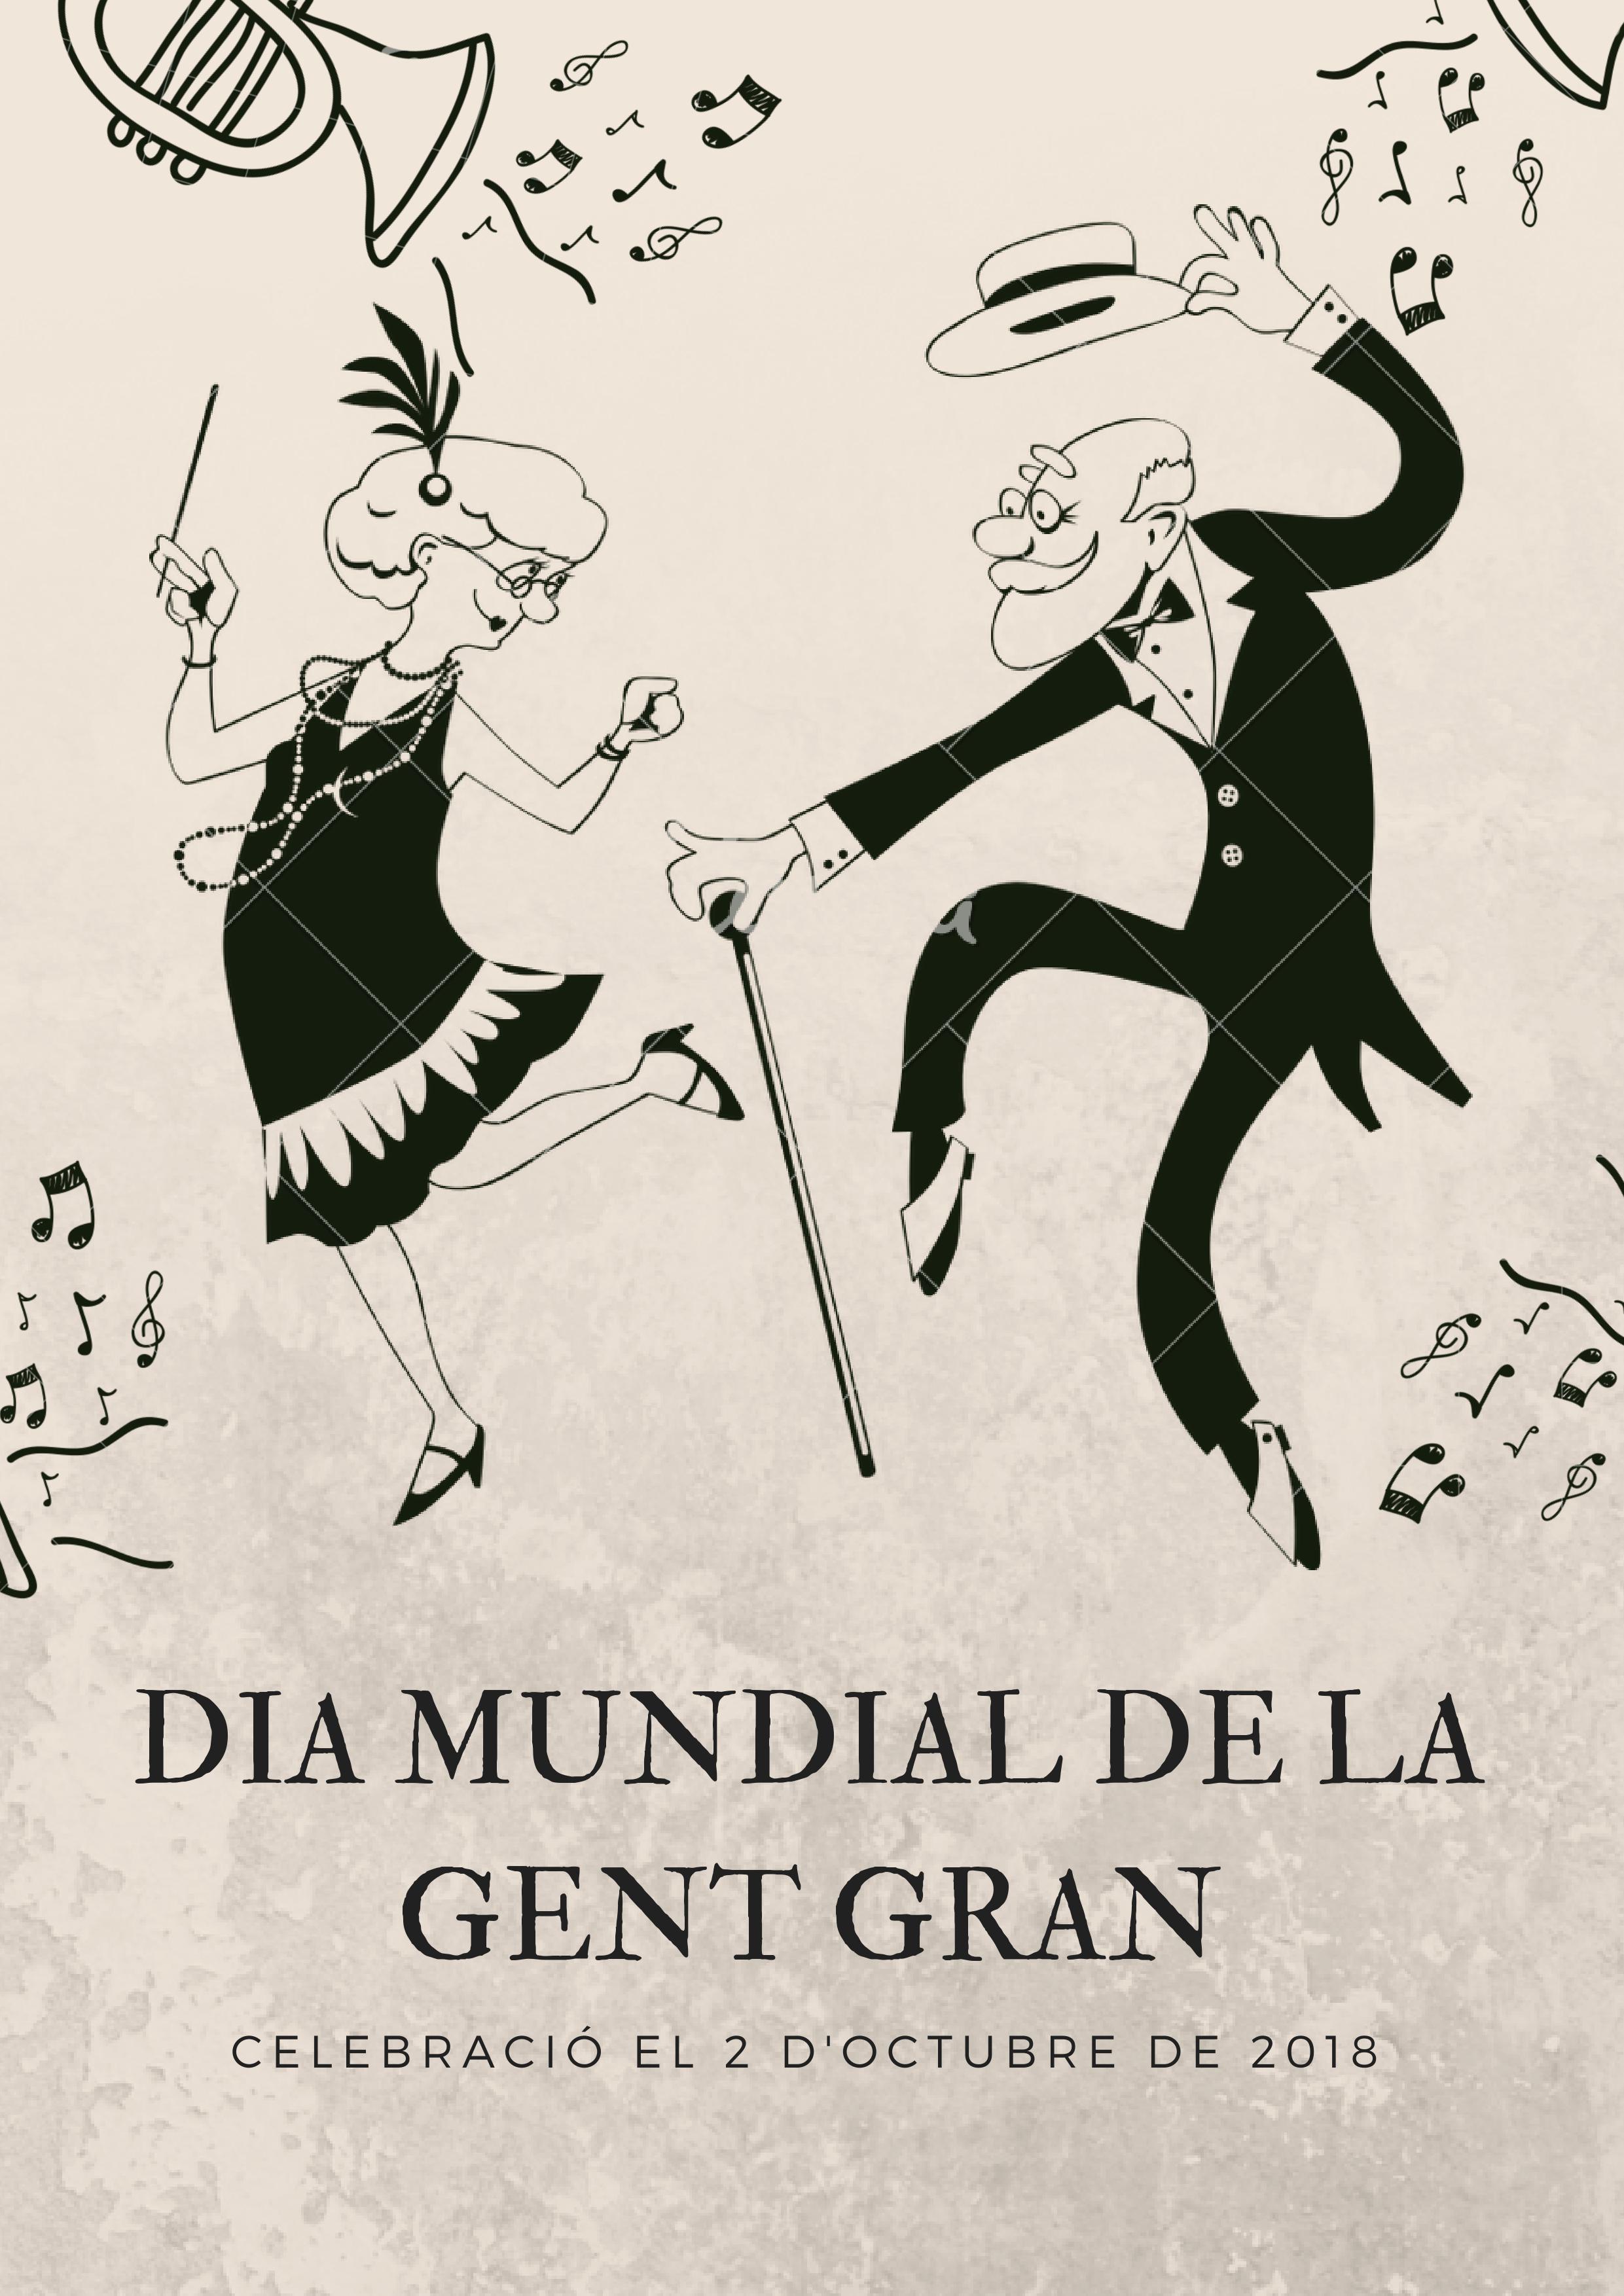 DIA MUNDIAL DE LA GENT GRAN